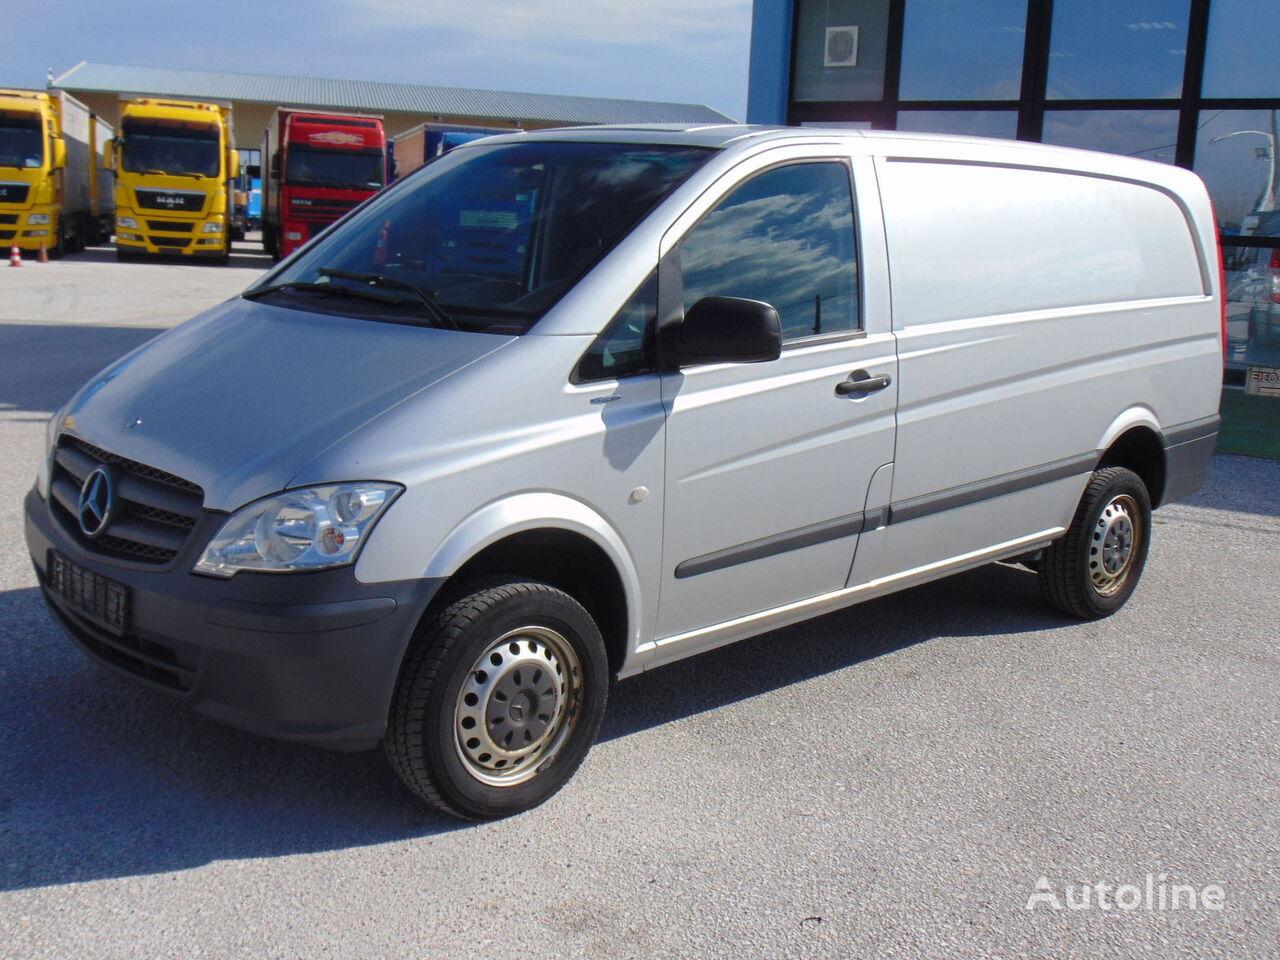 MERCEDES-BENZ 116 CDI 4X4 / EURO 5a furgoneta pequeña